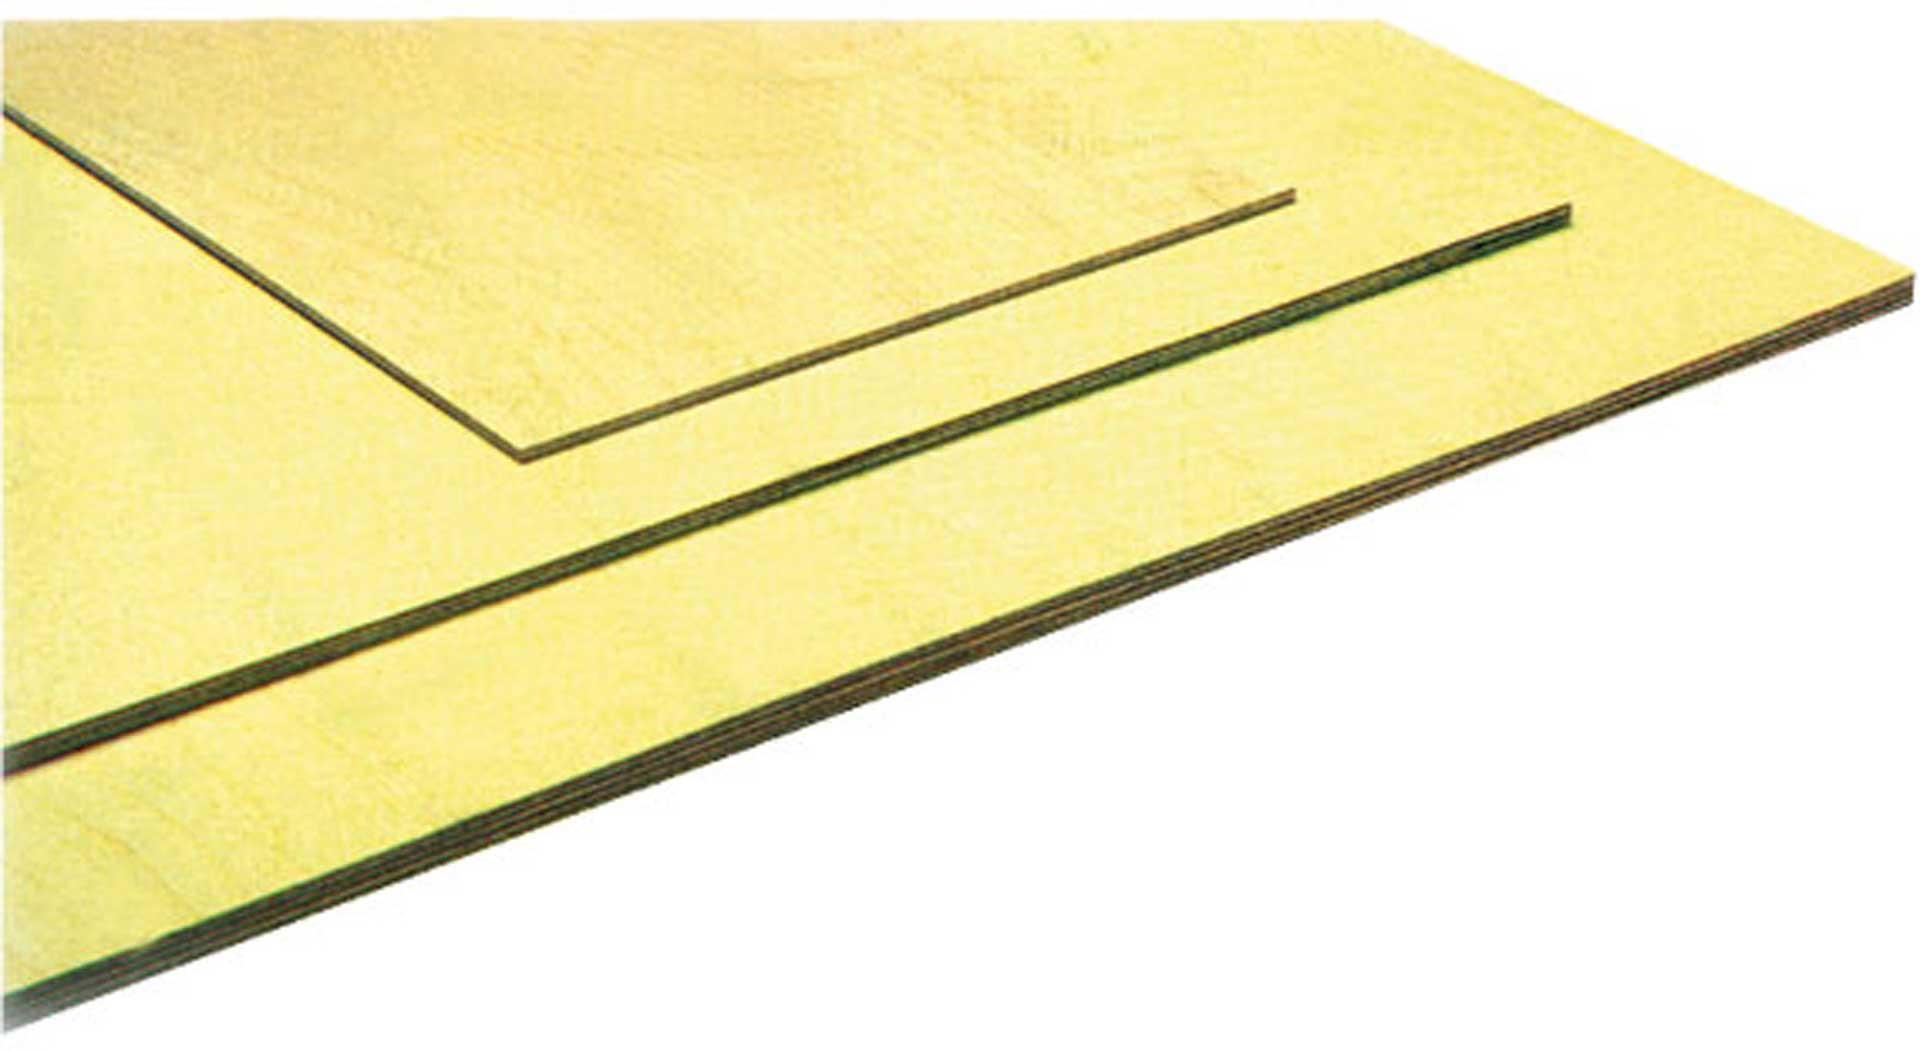 MODELLBAU LINDINGER BIRCH-SPERWOOD 2,0/300/500MM 4-FOLD